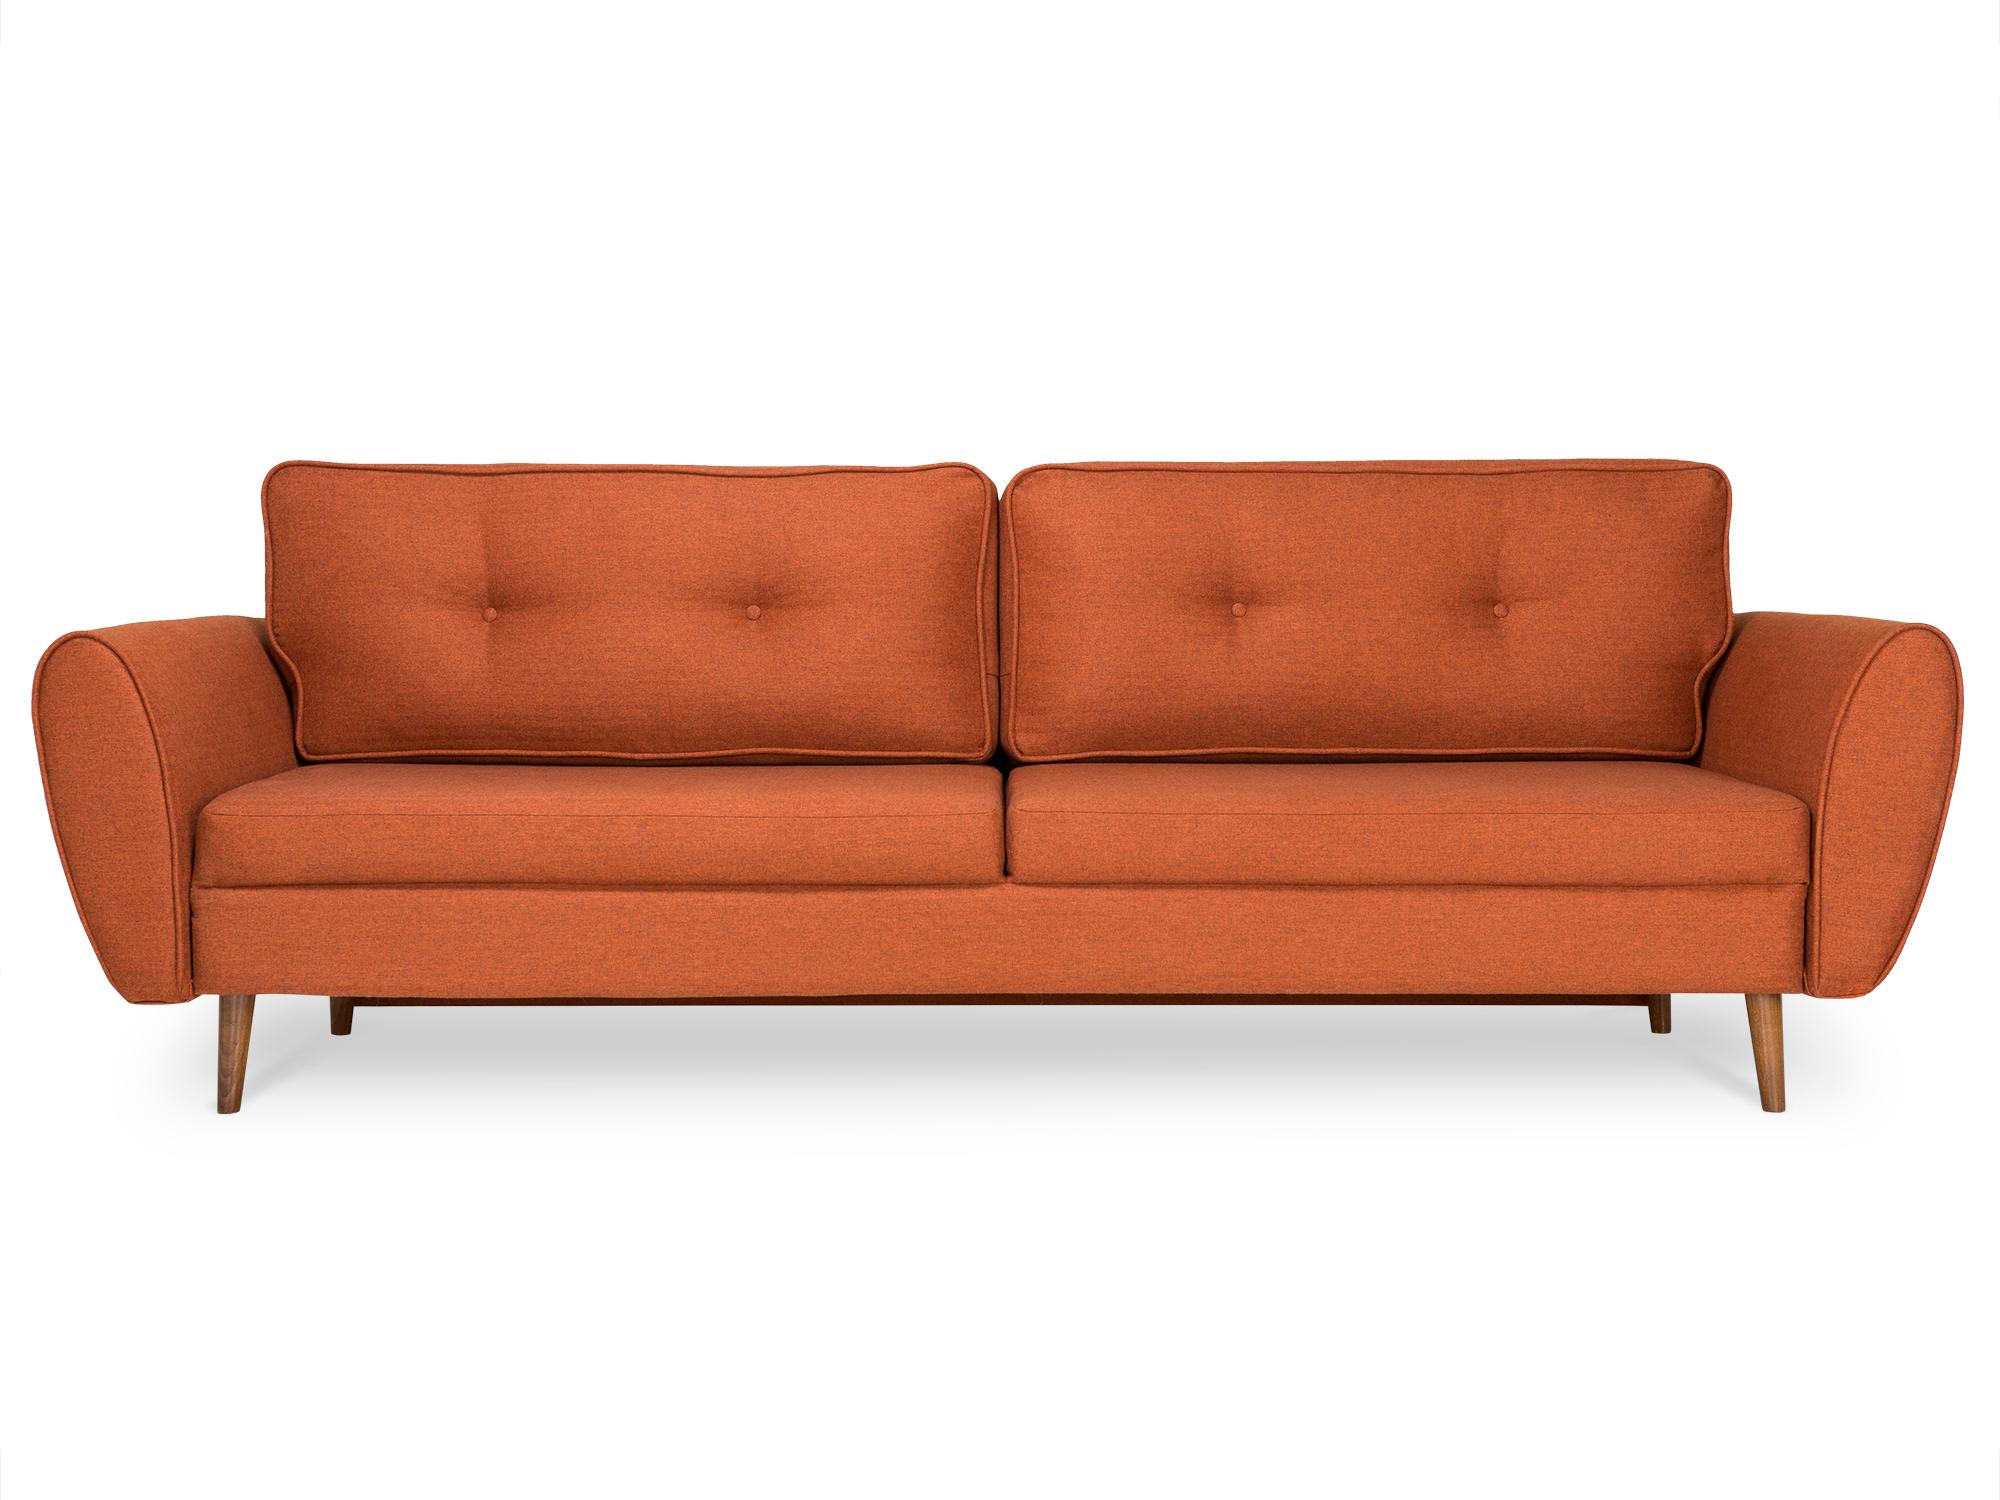 Myfurnish раскладной диван vogue оранжевый  83863/17